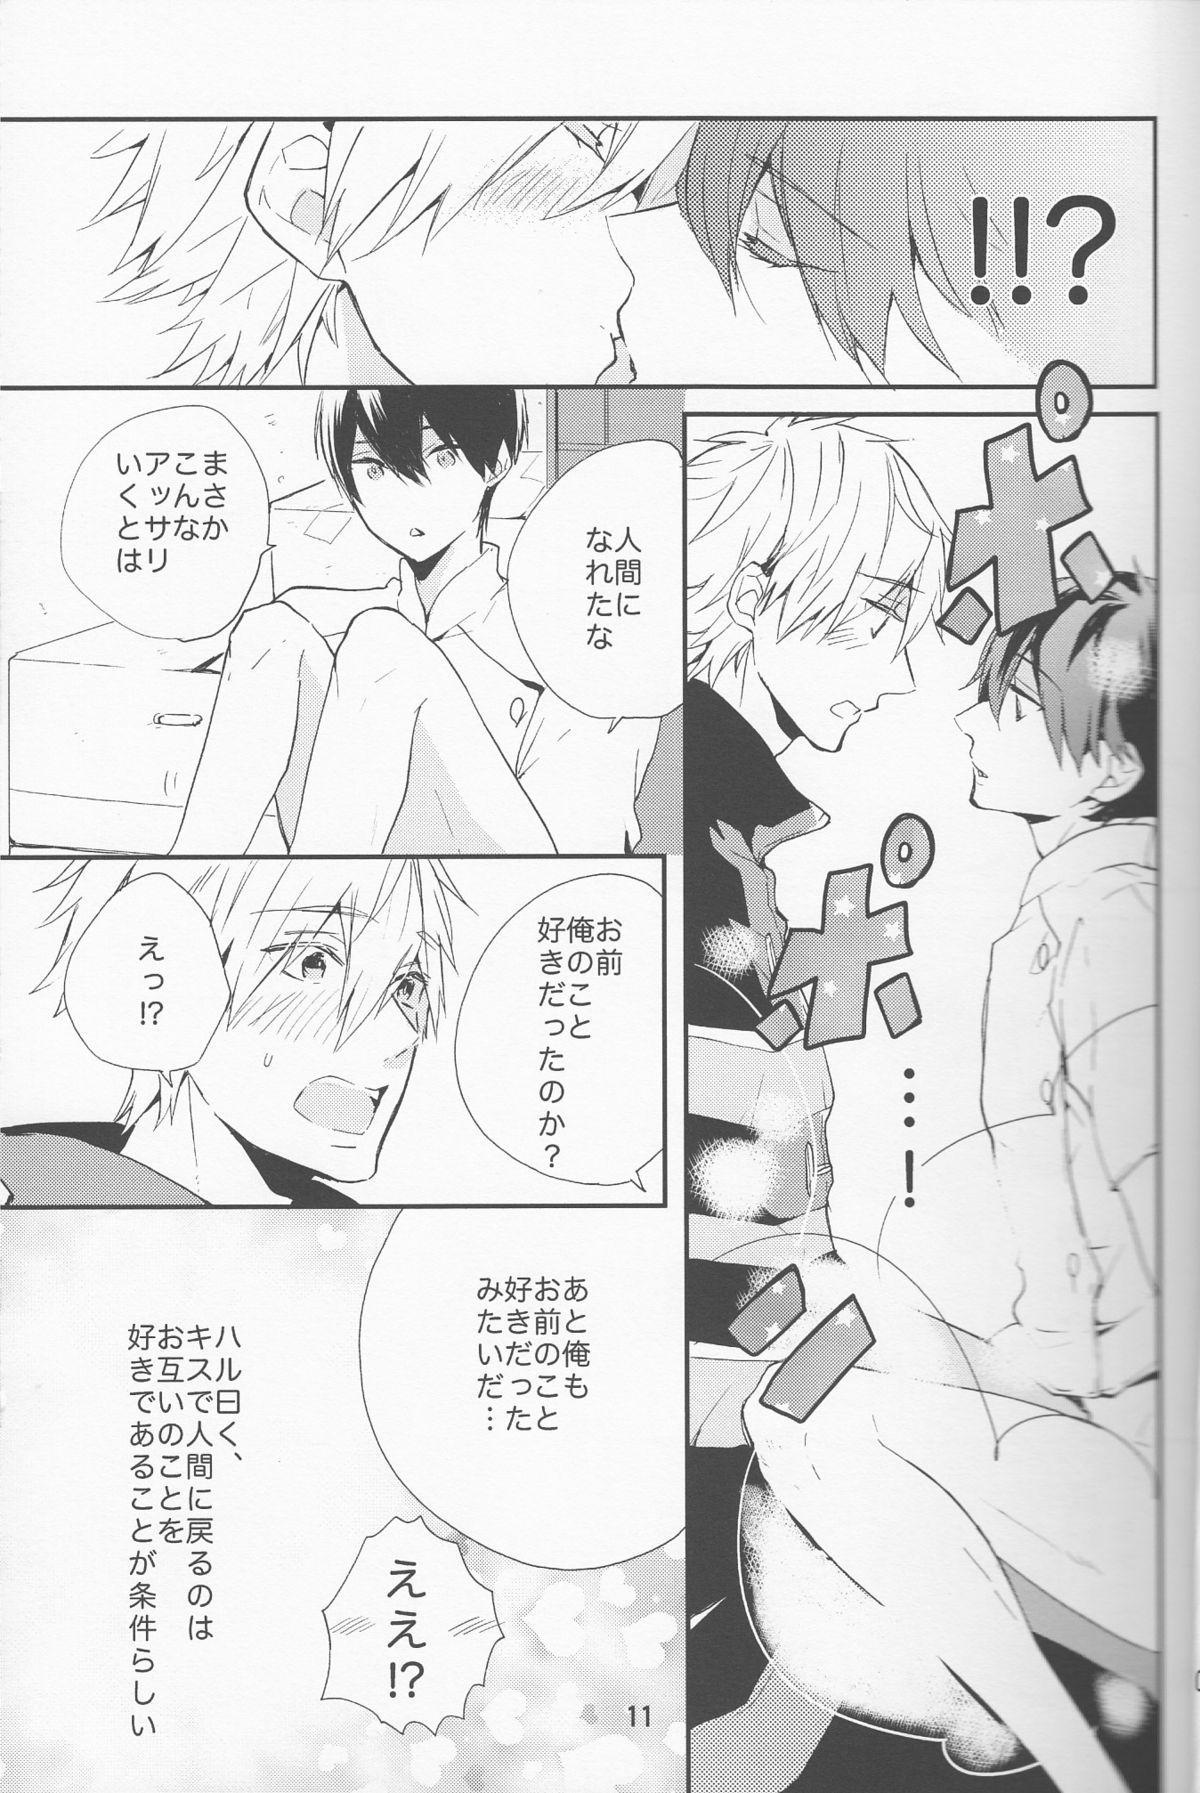 Shouboushi to Ningyo no Hon. 9